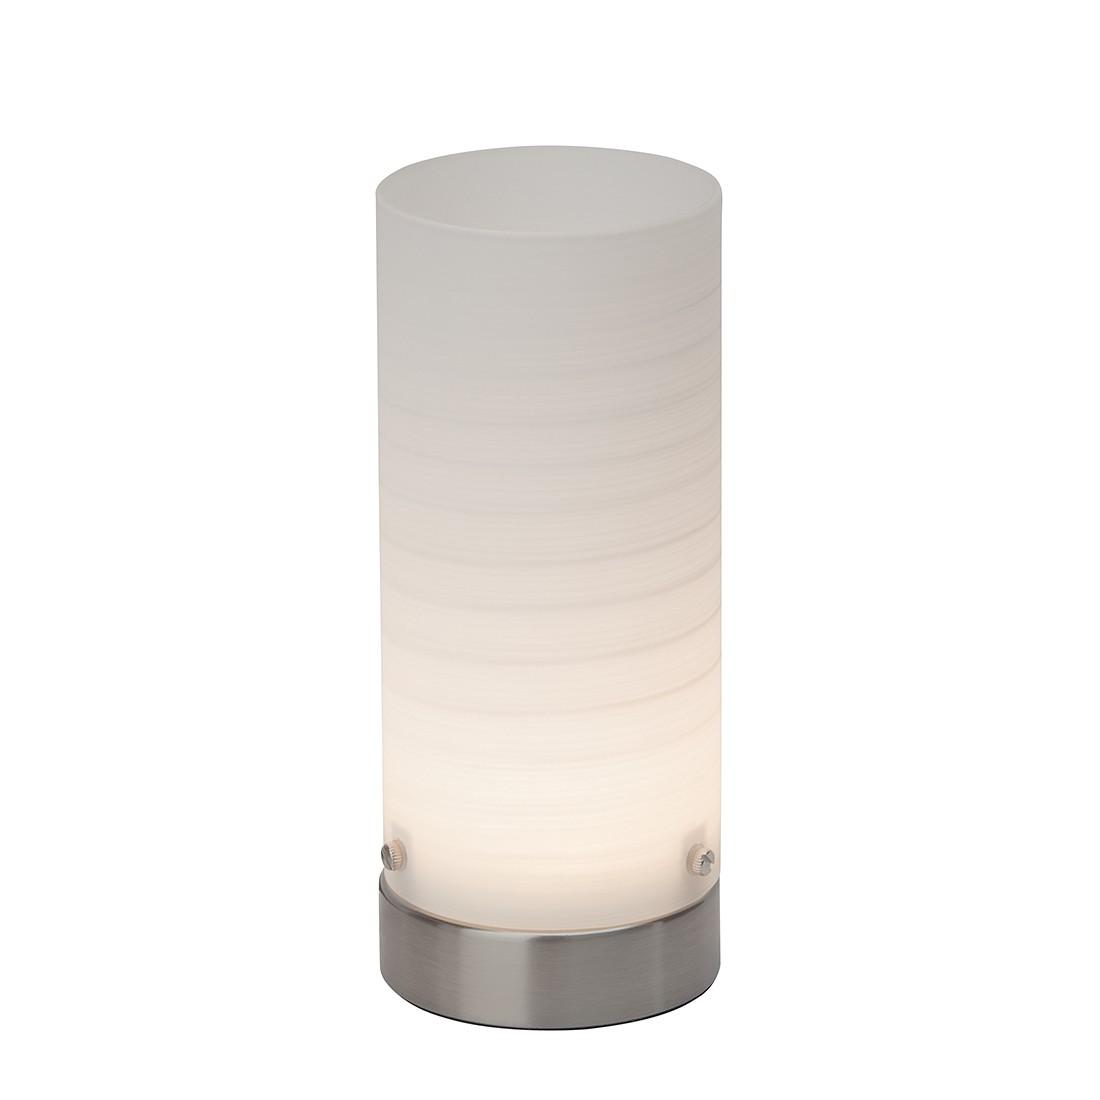 EEK A+, Tischleuchte Daisy - Metall/Glas - Silber - 1-flammig, Brilliant